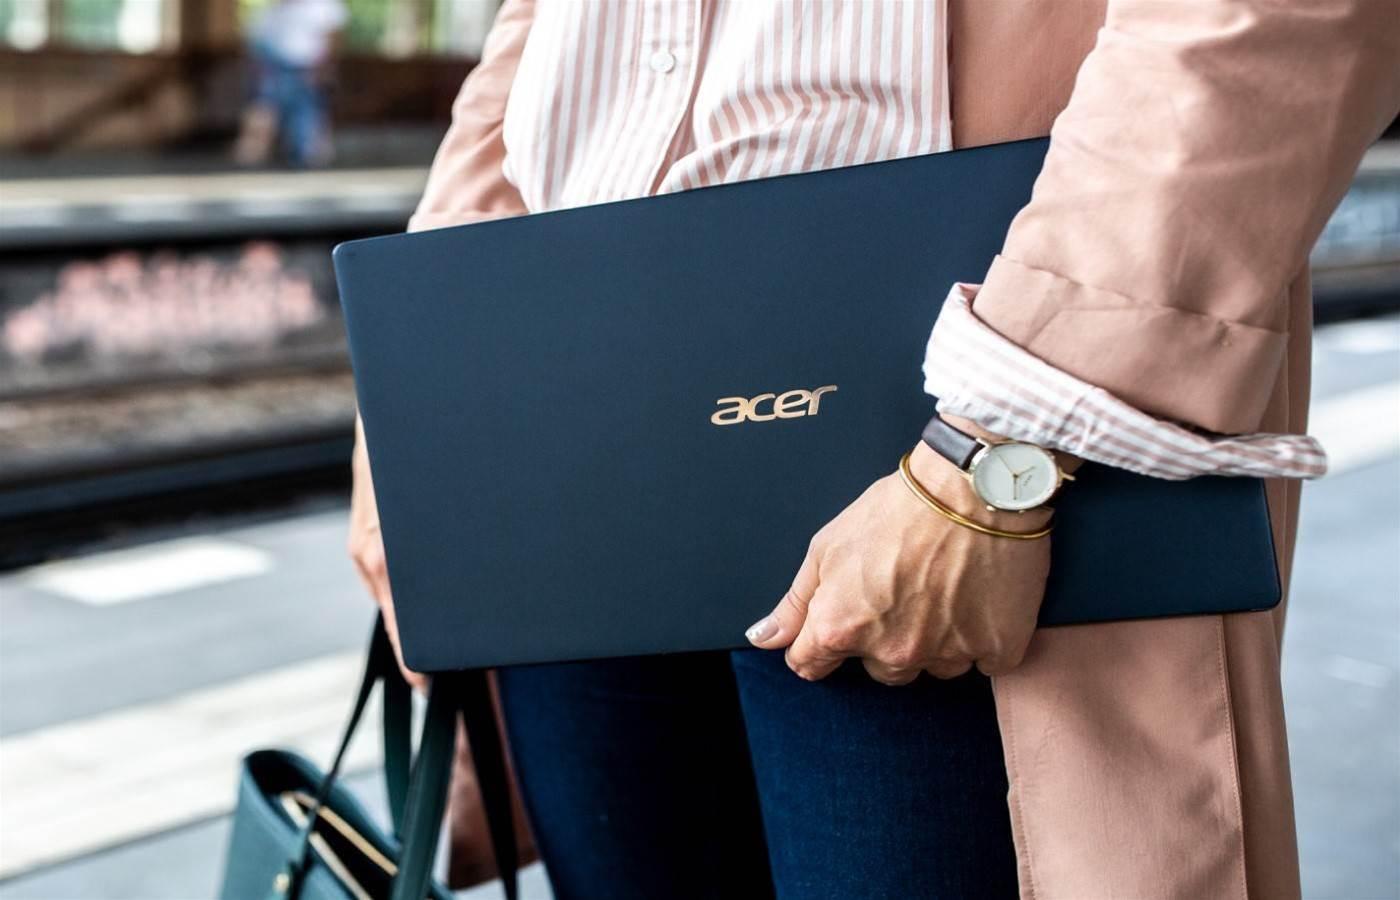 Acer Australia plans channel revamp